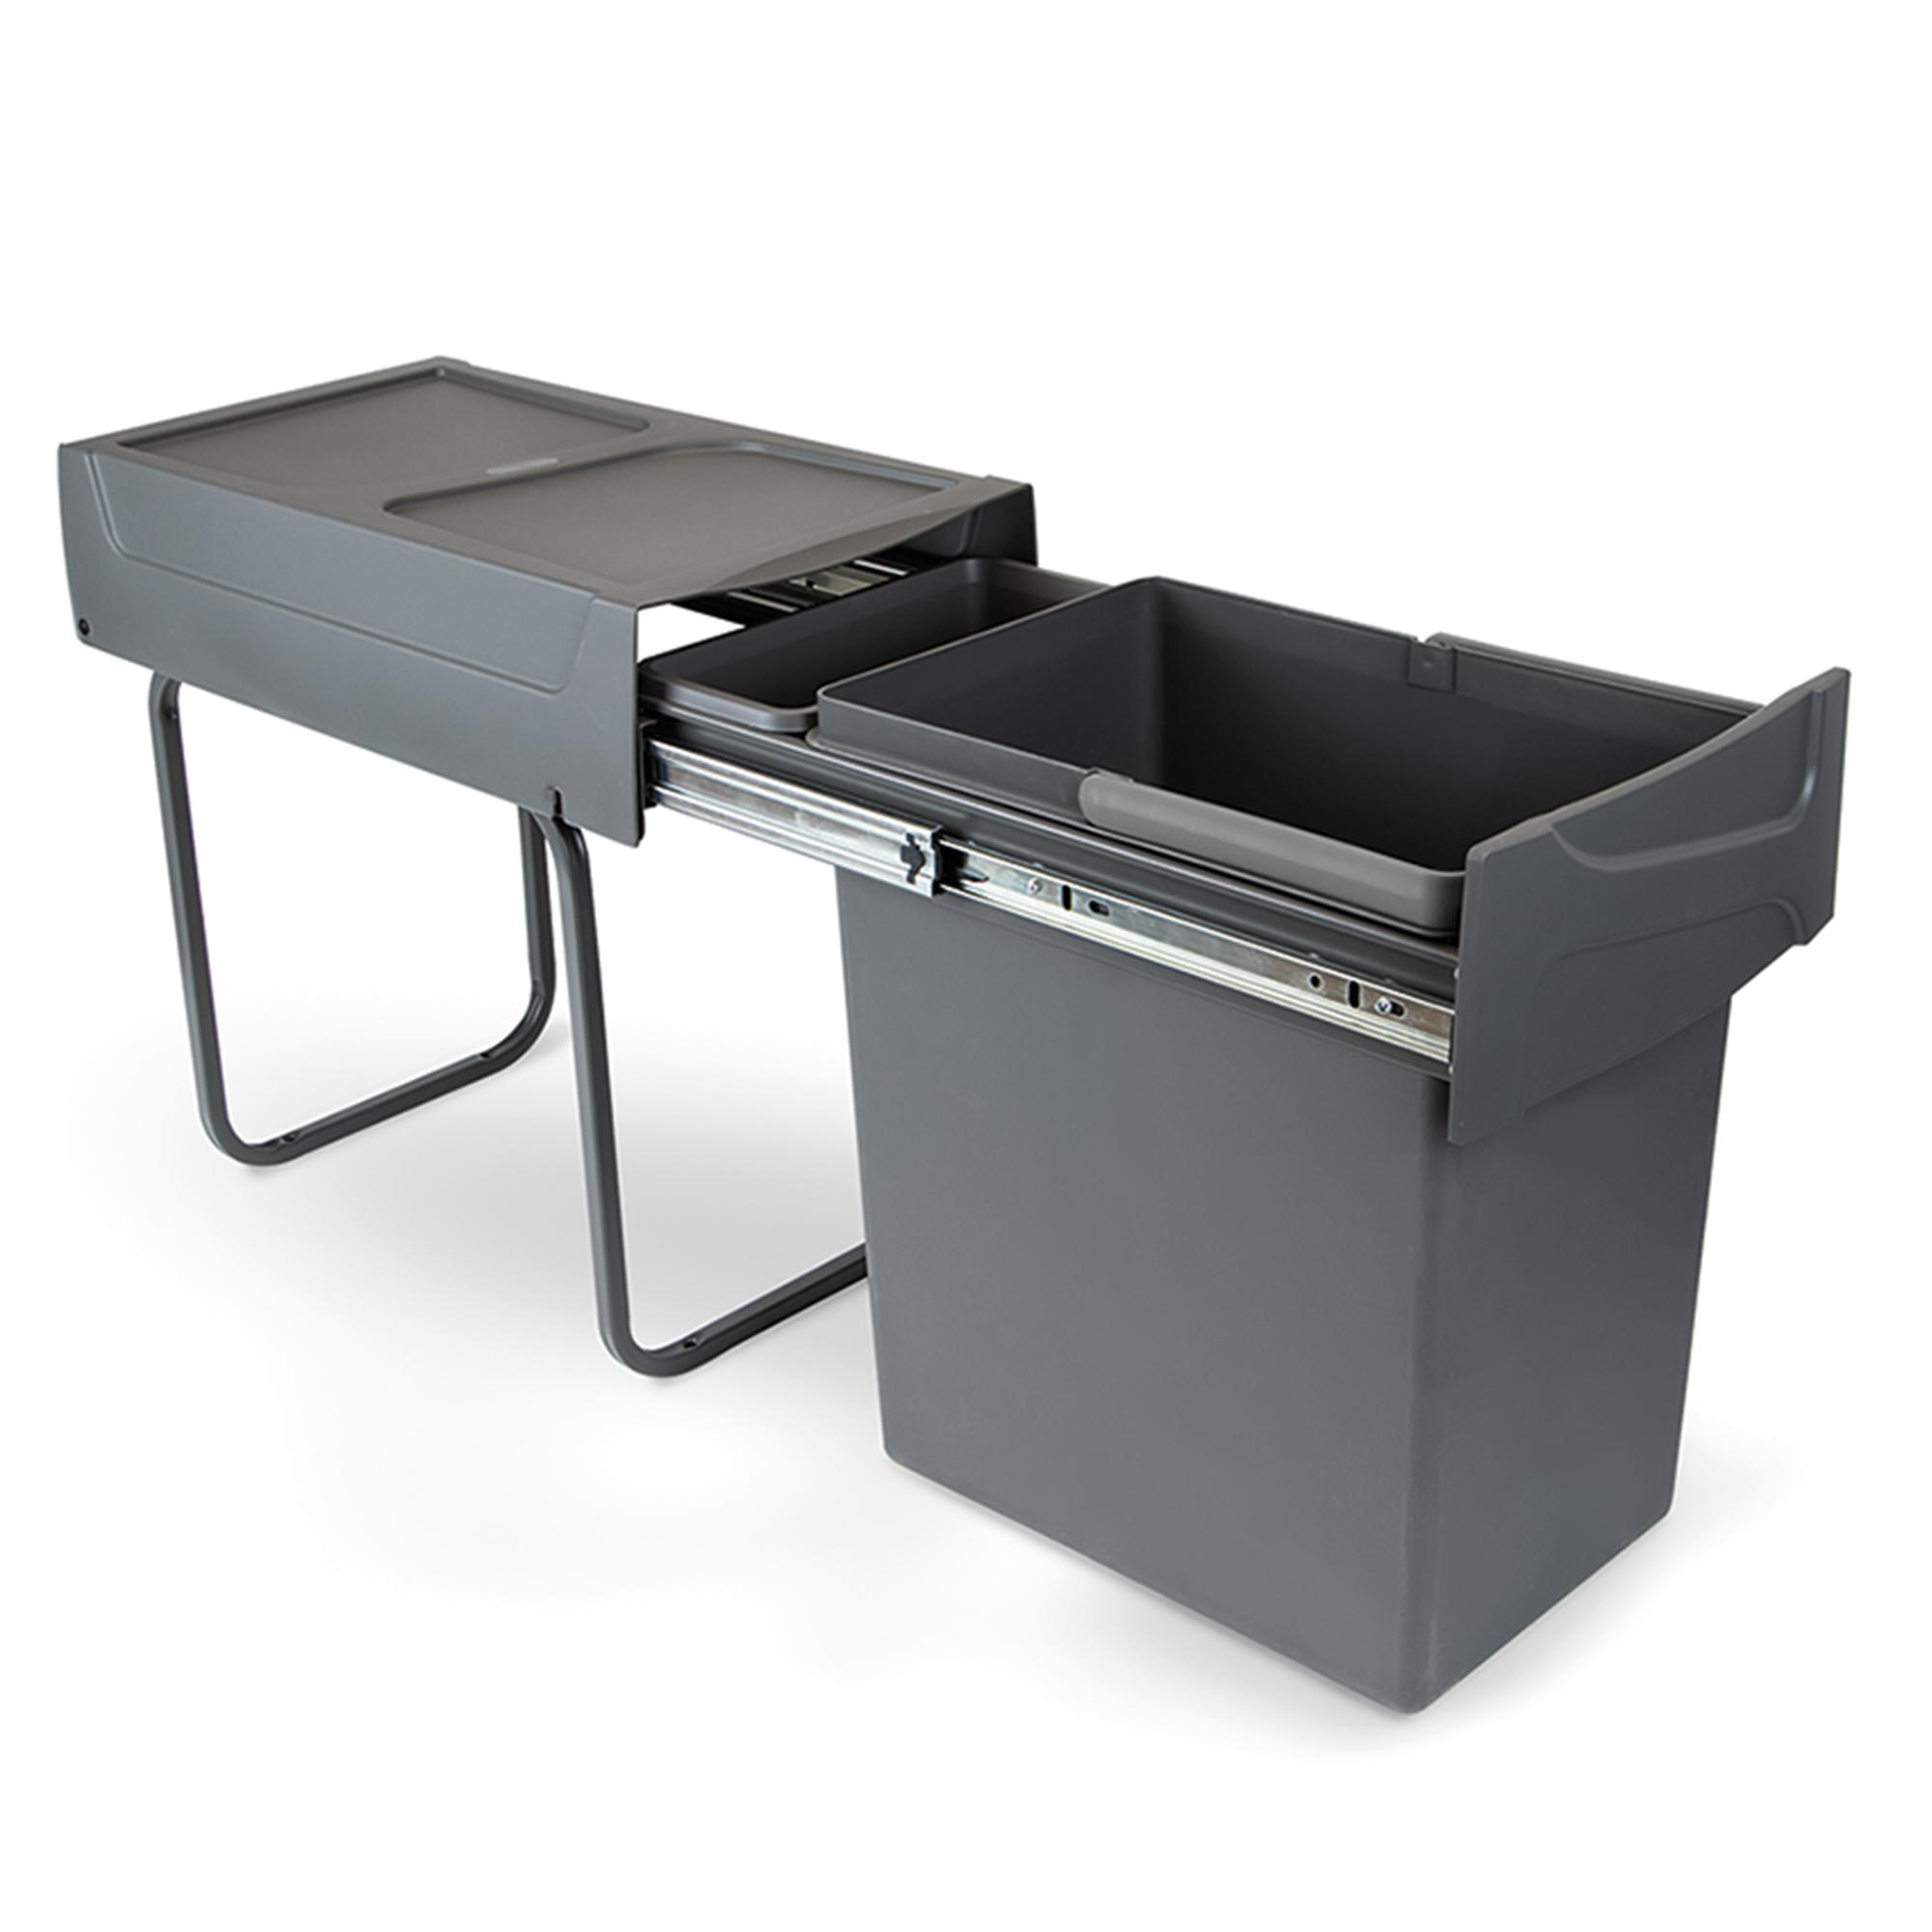 Emuca Pattumiera per raccolta differenziata da 20L per cucina, fissaggio inferiore, estrazione manuale, acciaio e plastica, grig